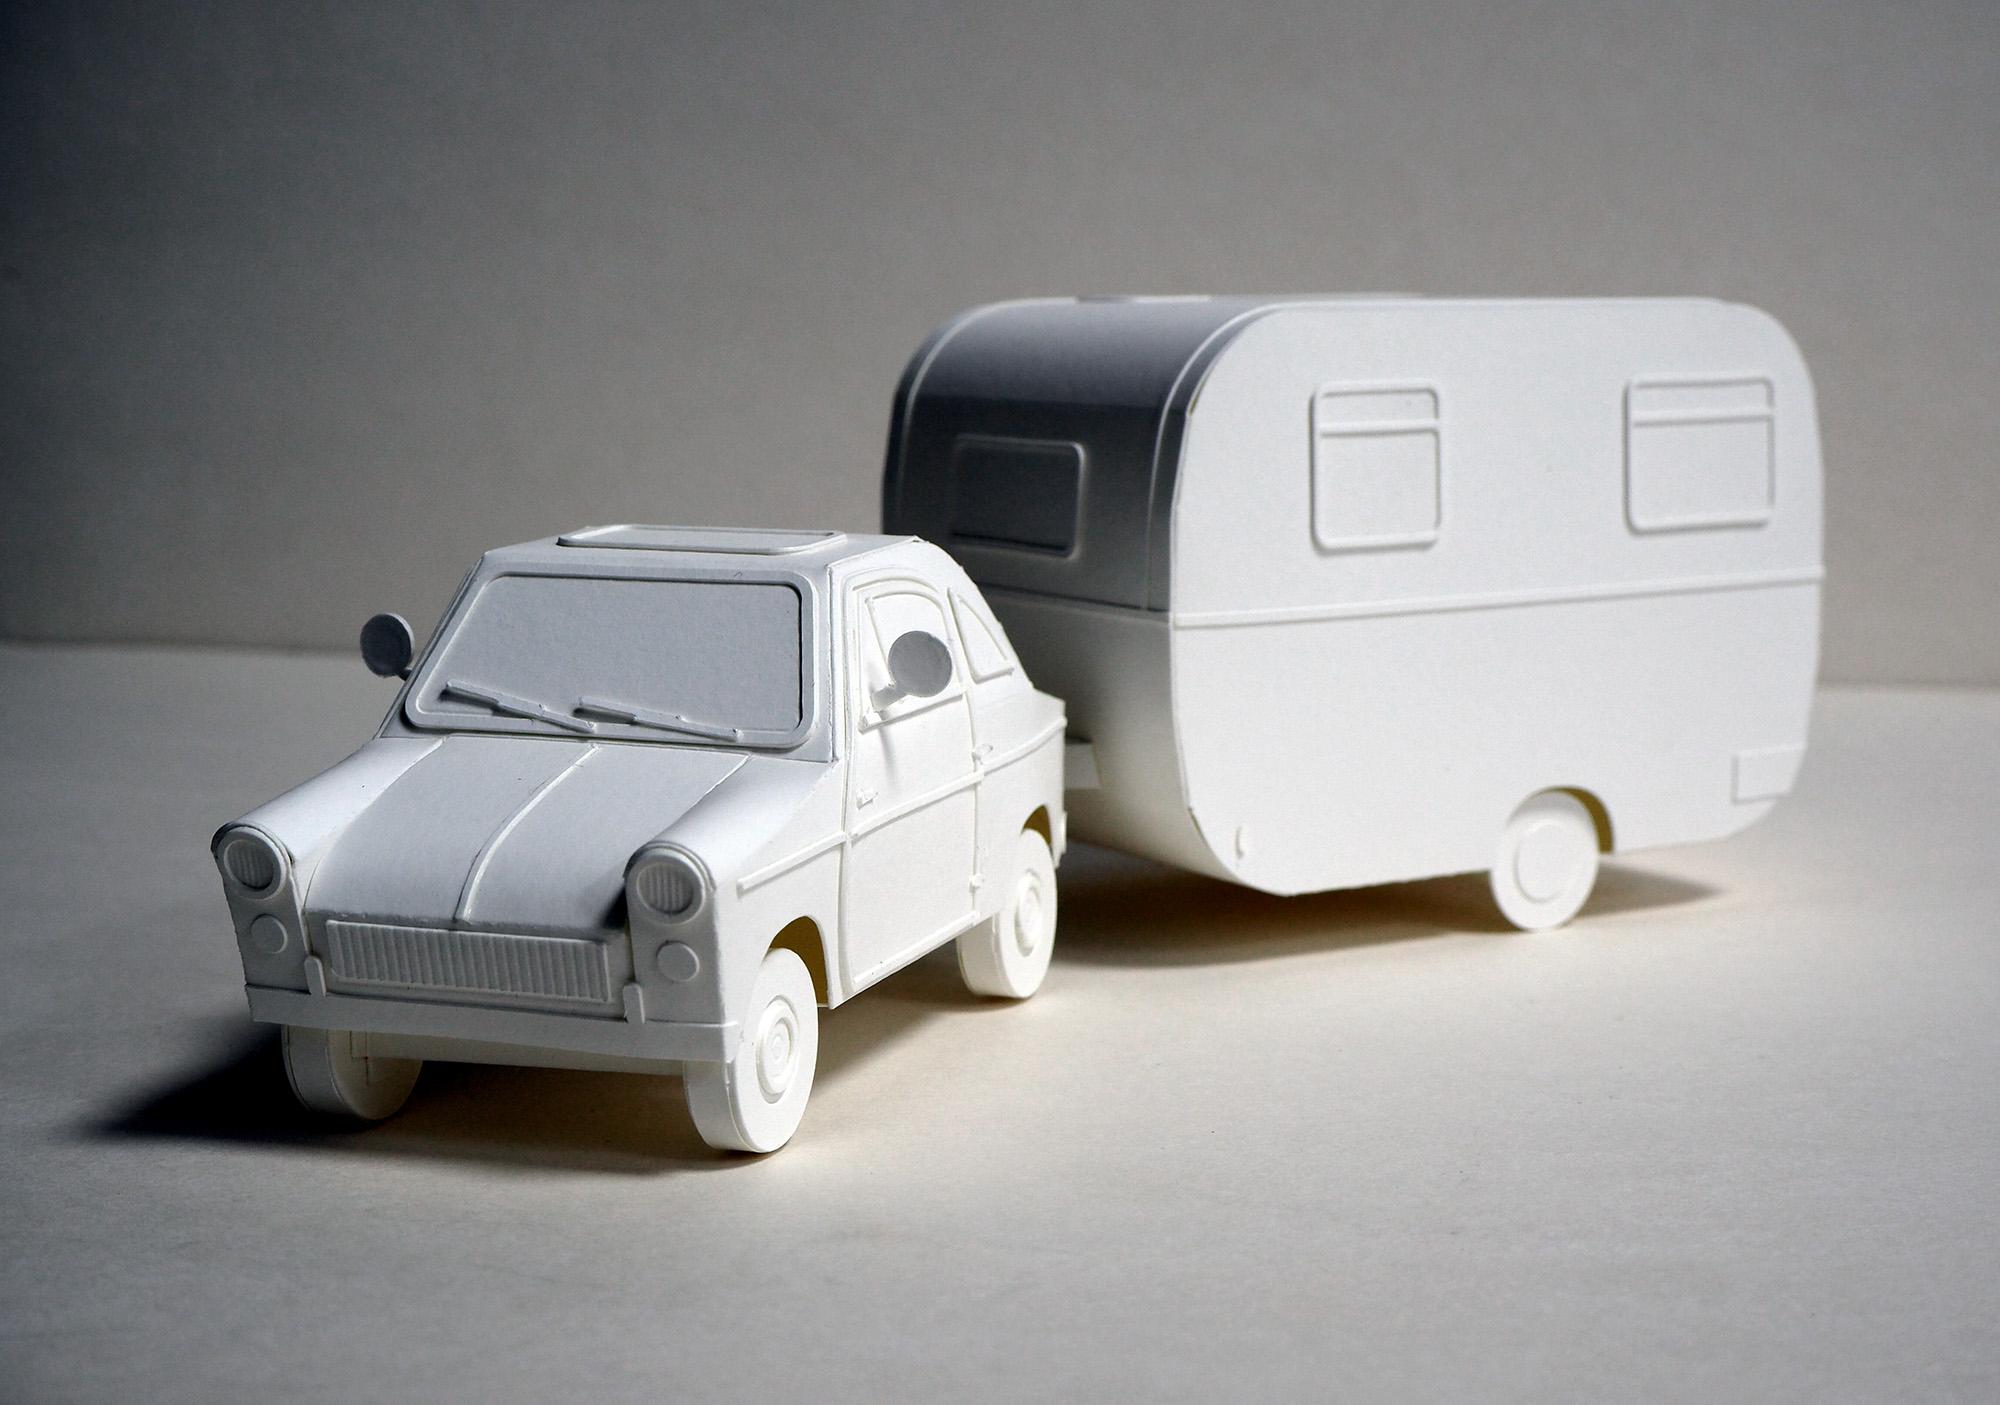 자동차와 캠핑트레일러